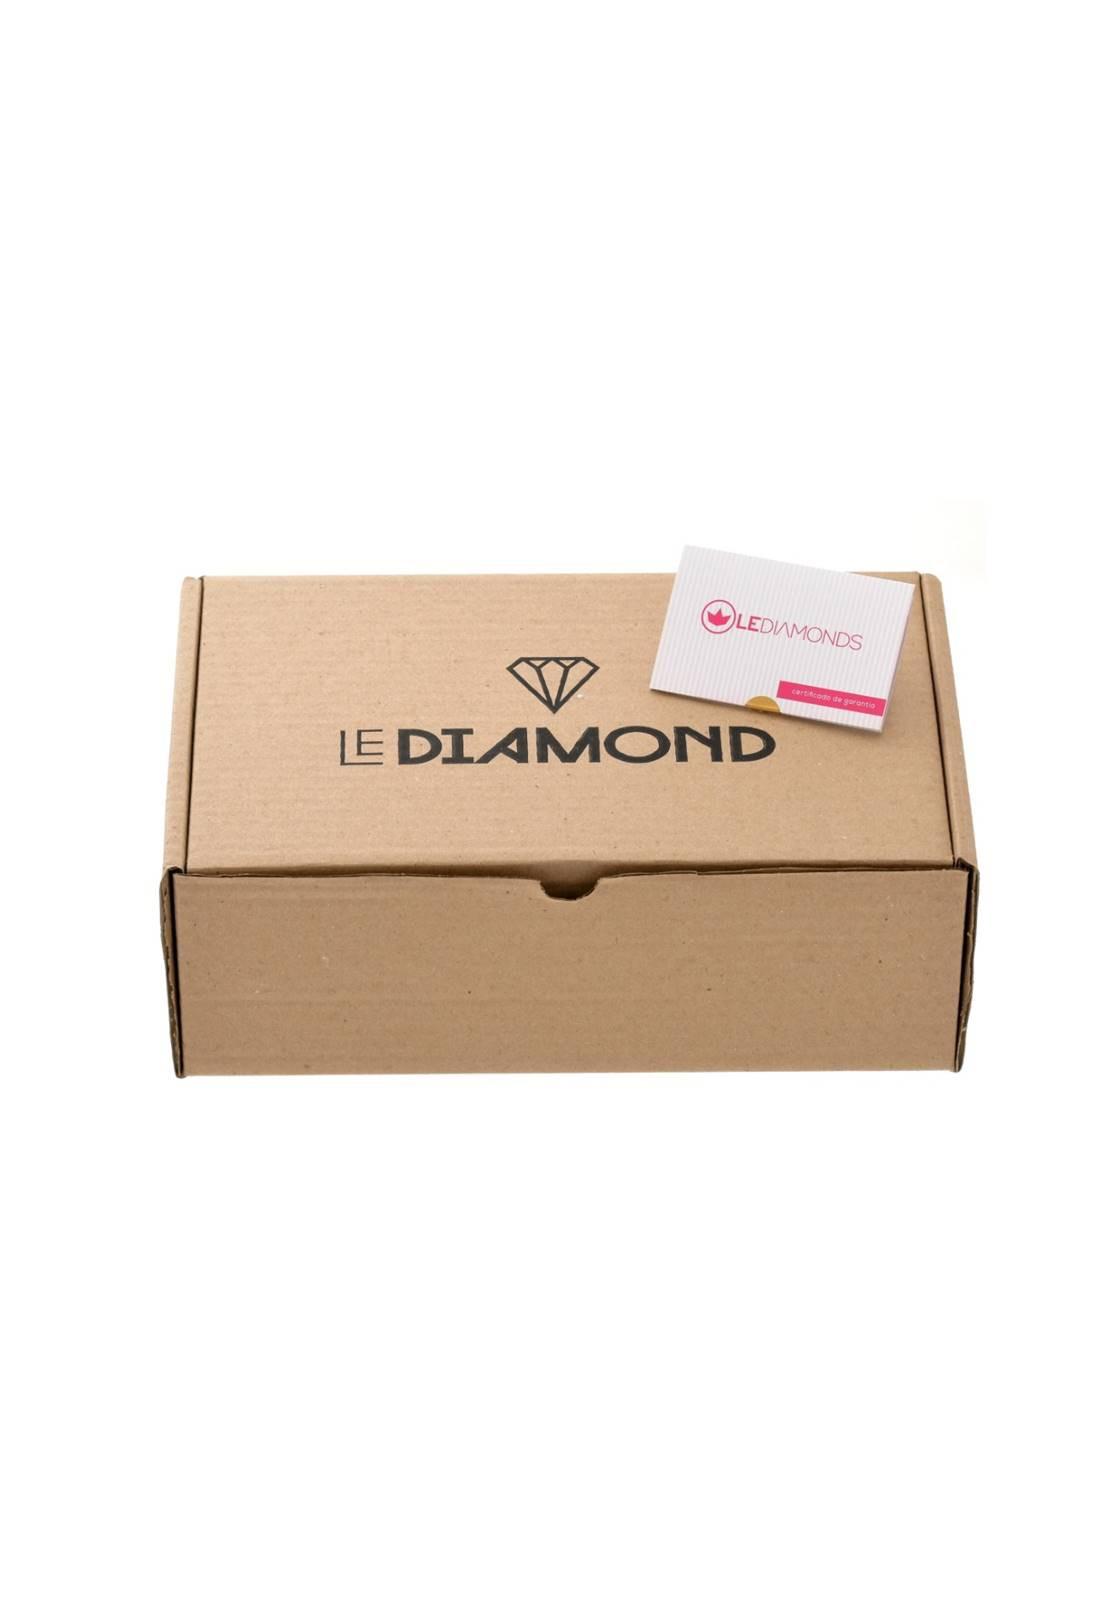 Brinco Le Diamond Argola De Tecido Laranja